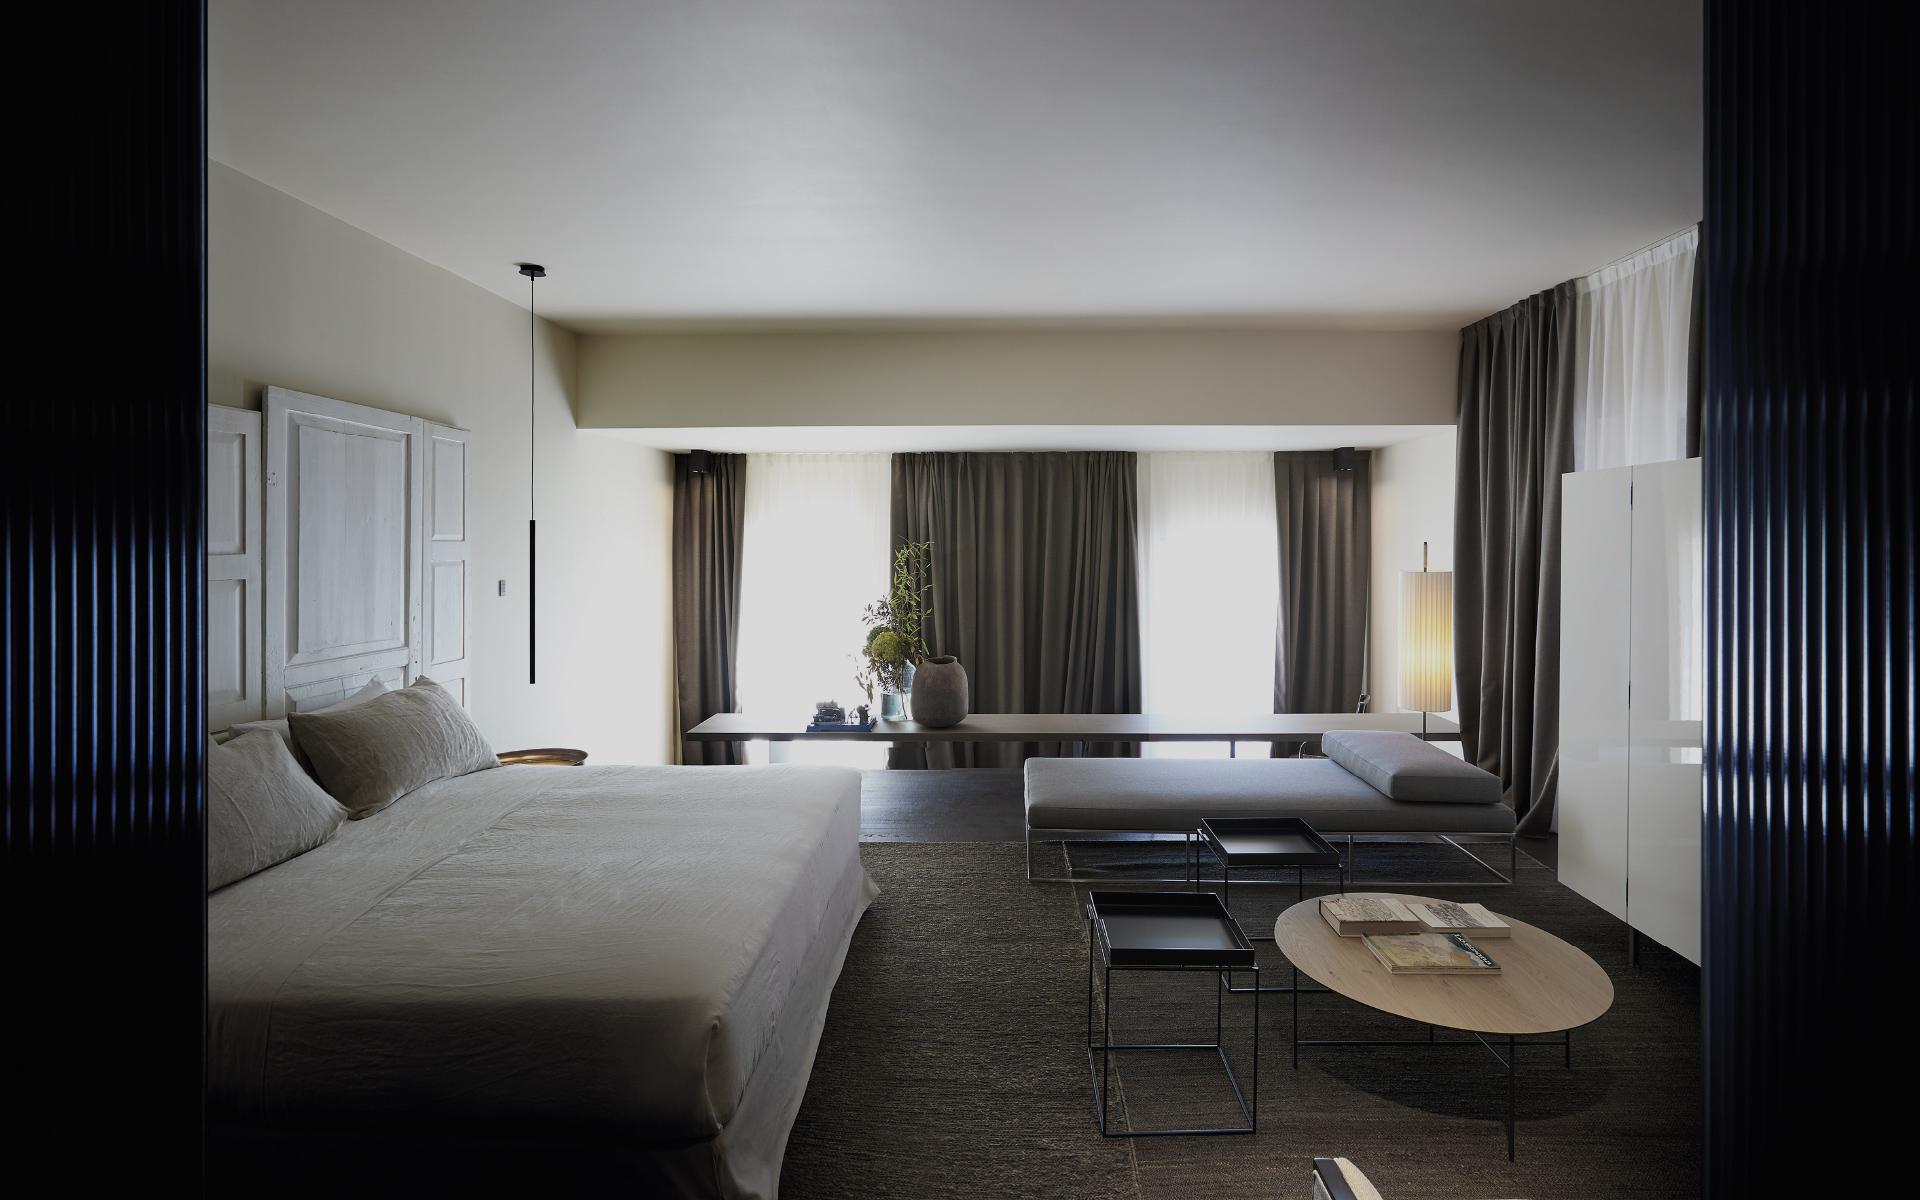 Controllo di camera in struttura alberghiera